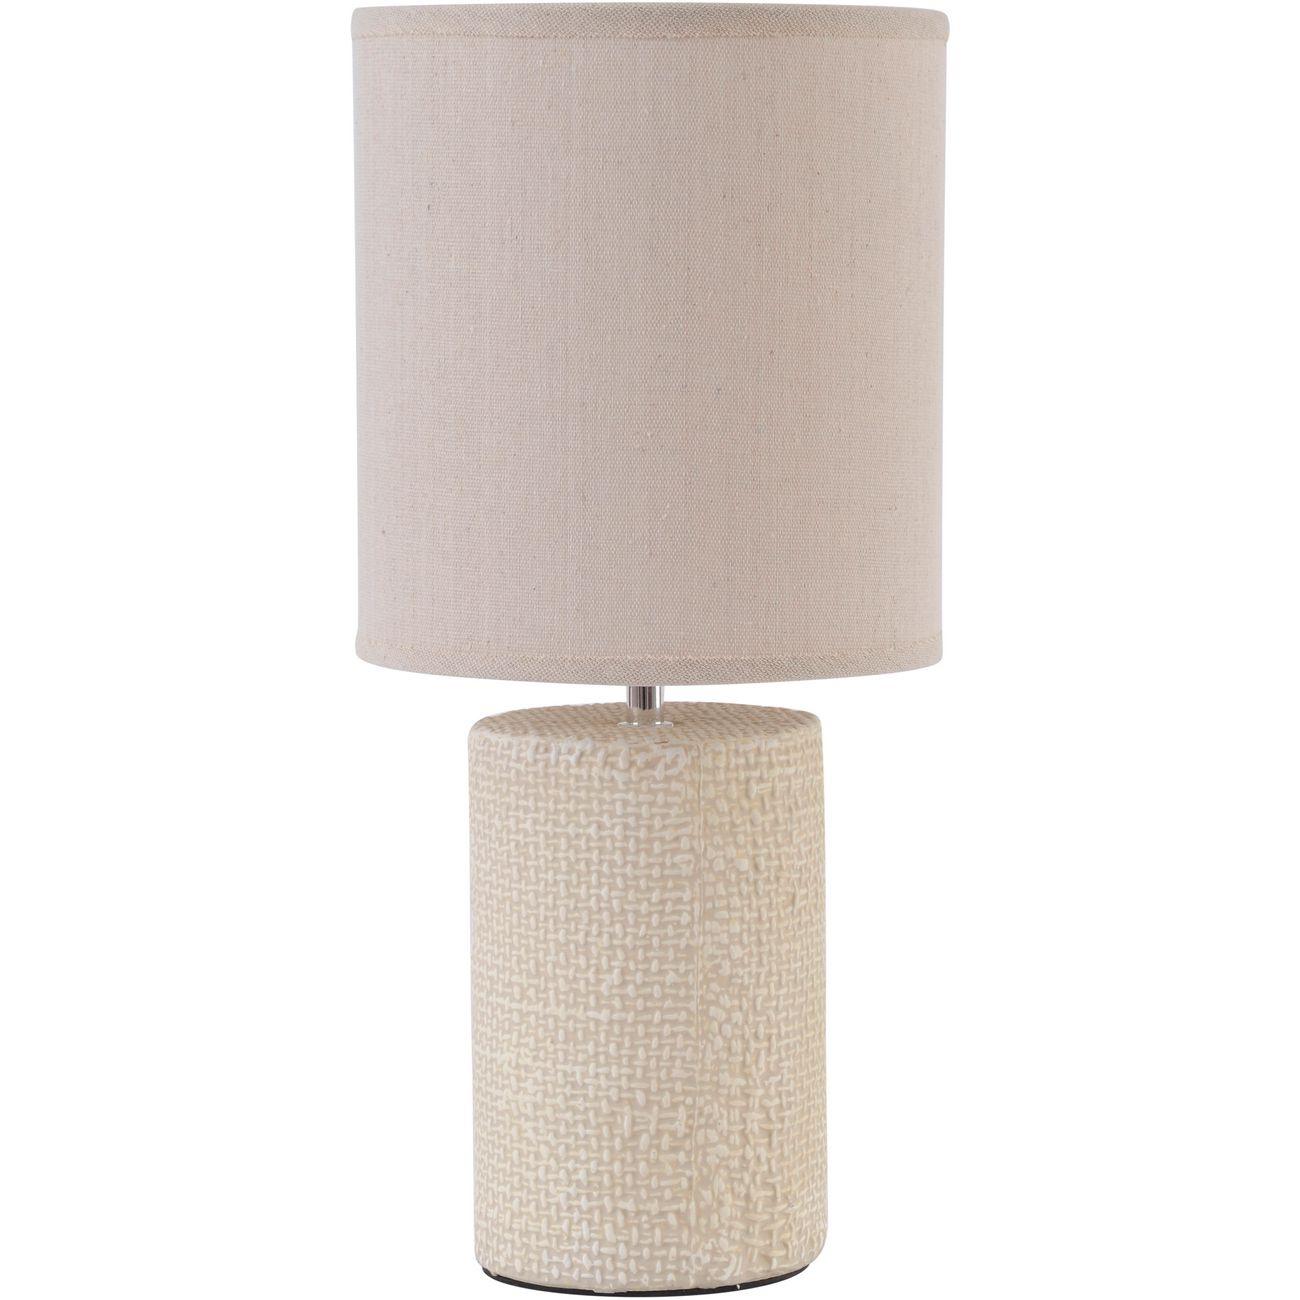 Porcelain Table Lamp | Lighting